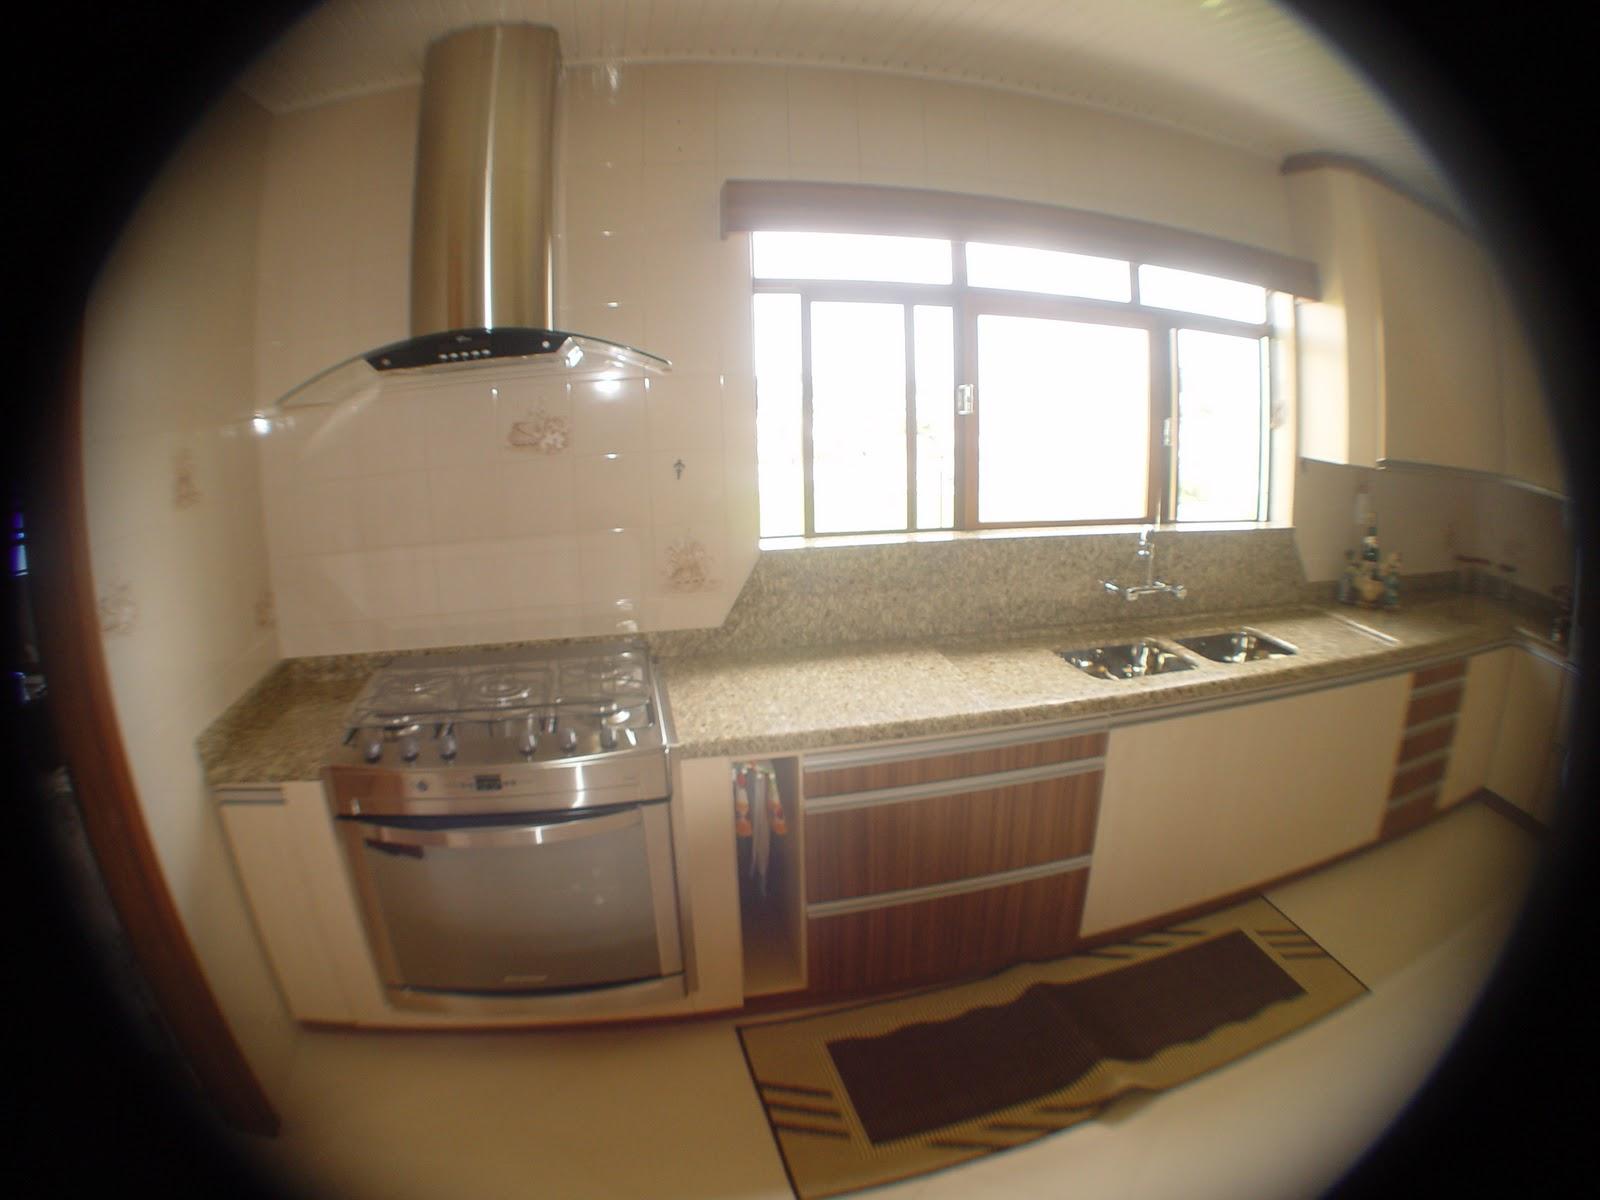 Móveis Tezza: Cozinha #63492D 1600x1200 Bancada Banheiro Teca